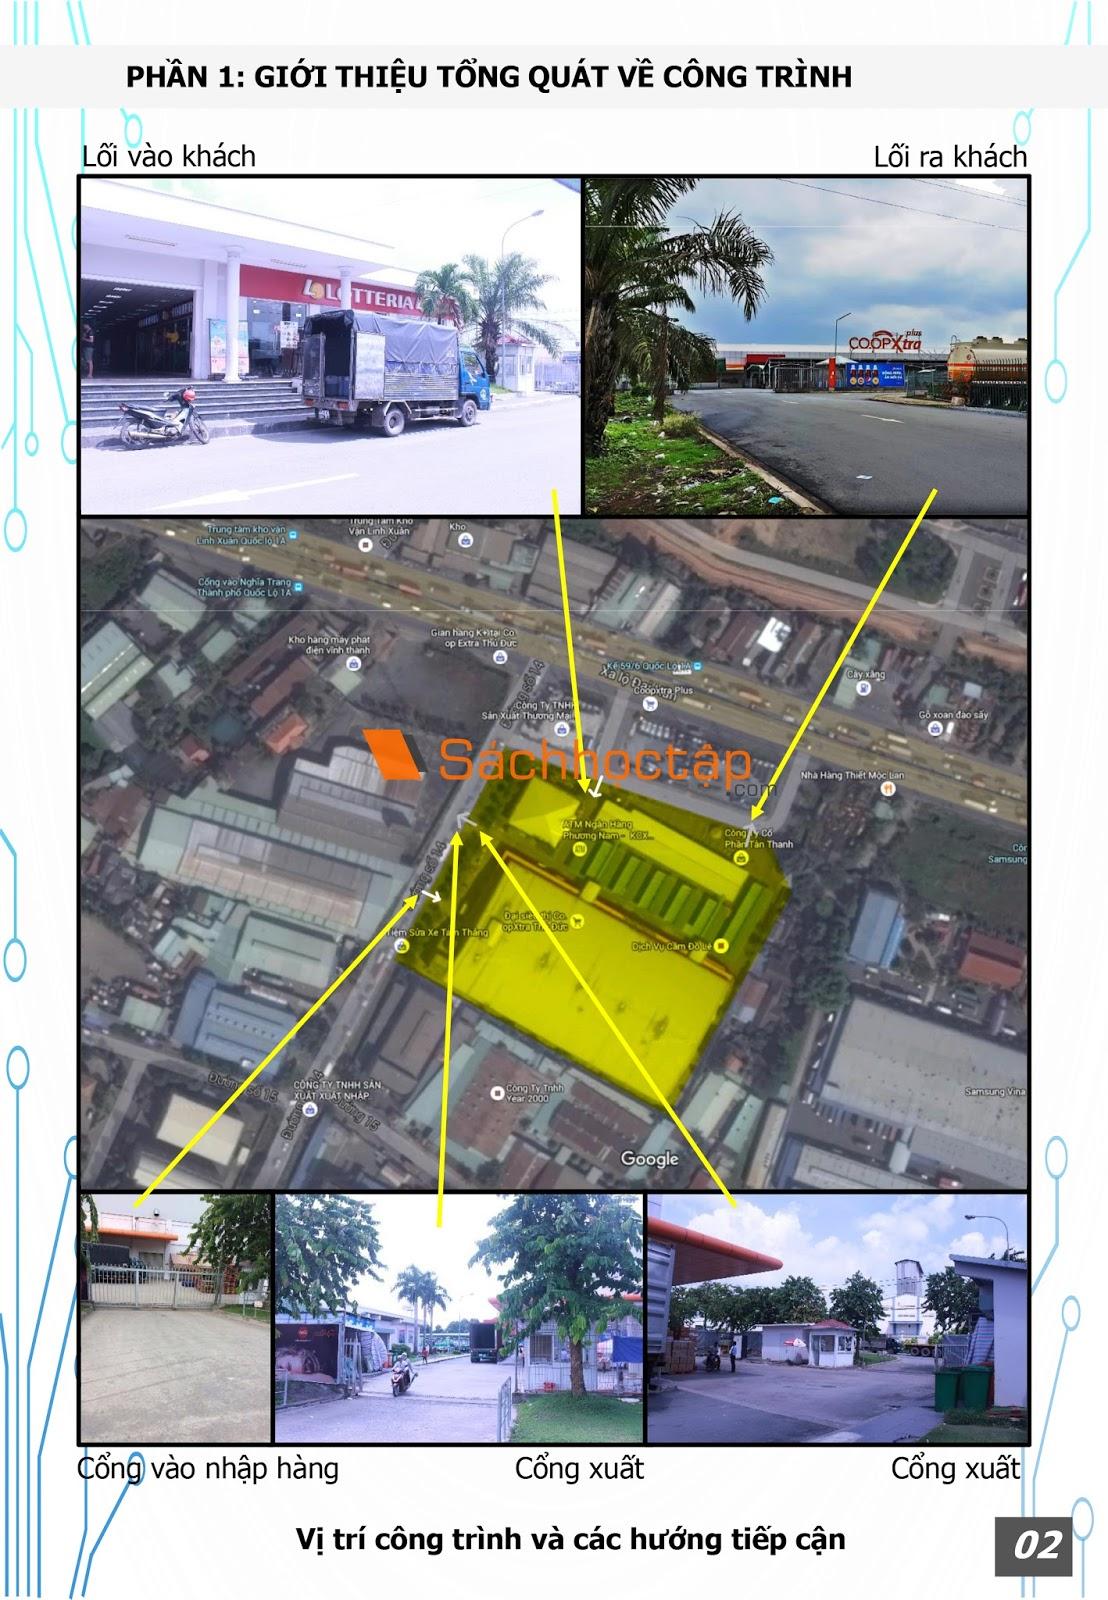 Chuyên đề kiến trúc 4: Kiến trúc thương mại - Dịch vụ: Siêu thị Co.opxtra Plus Thủ Đức - Preview 3